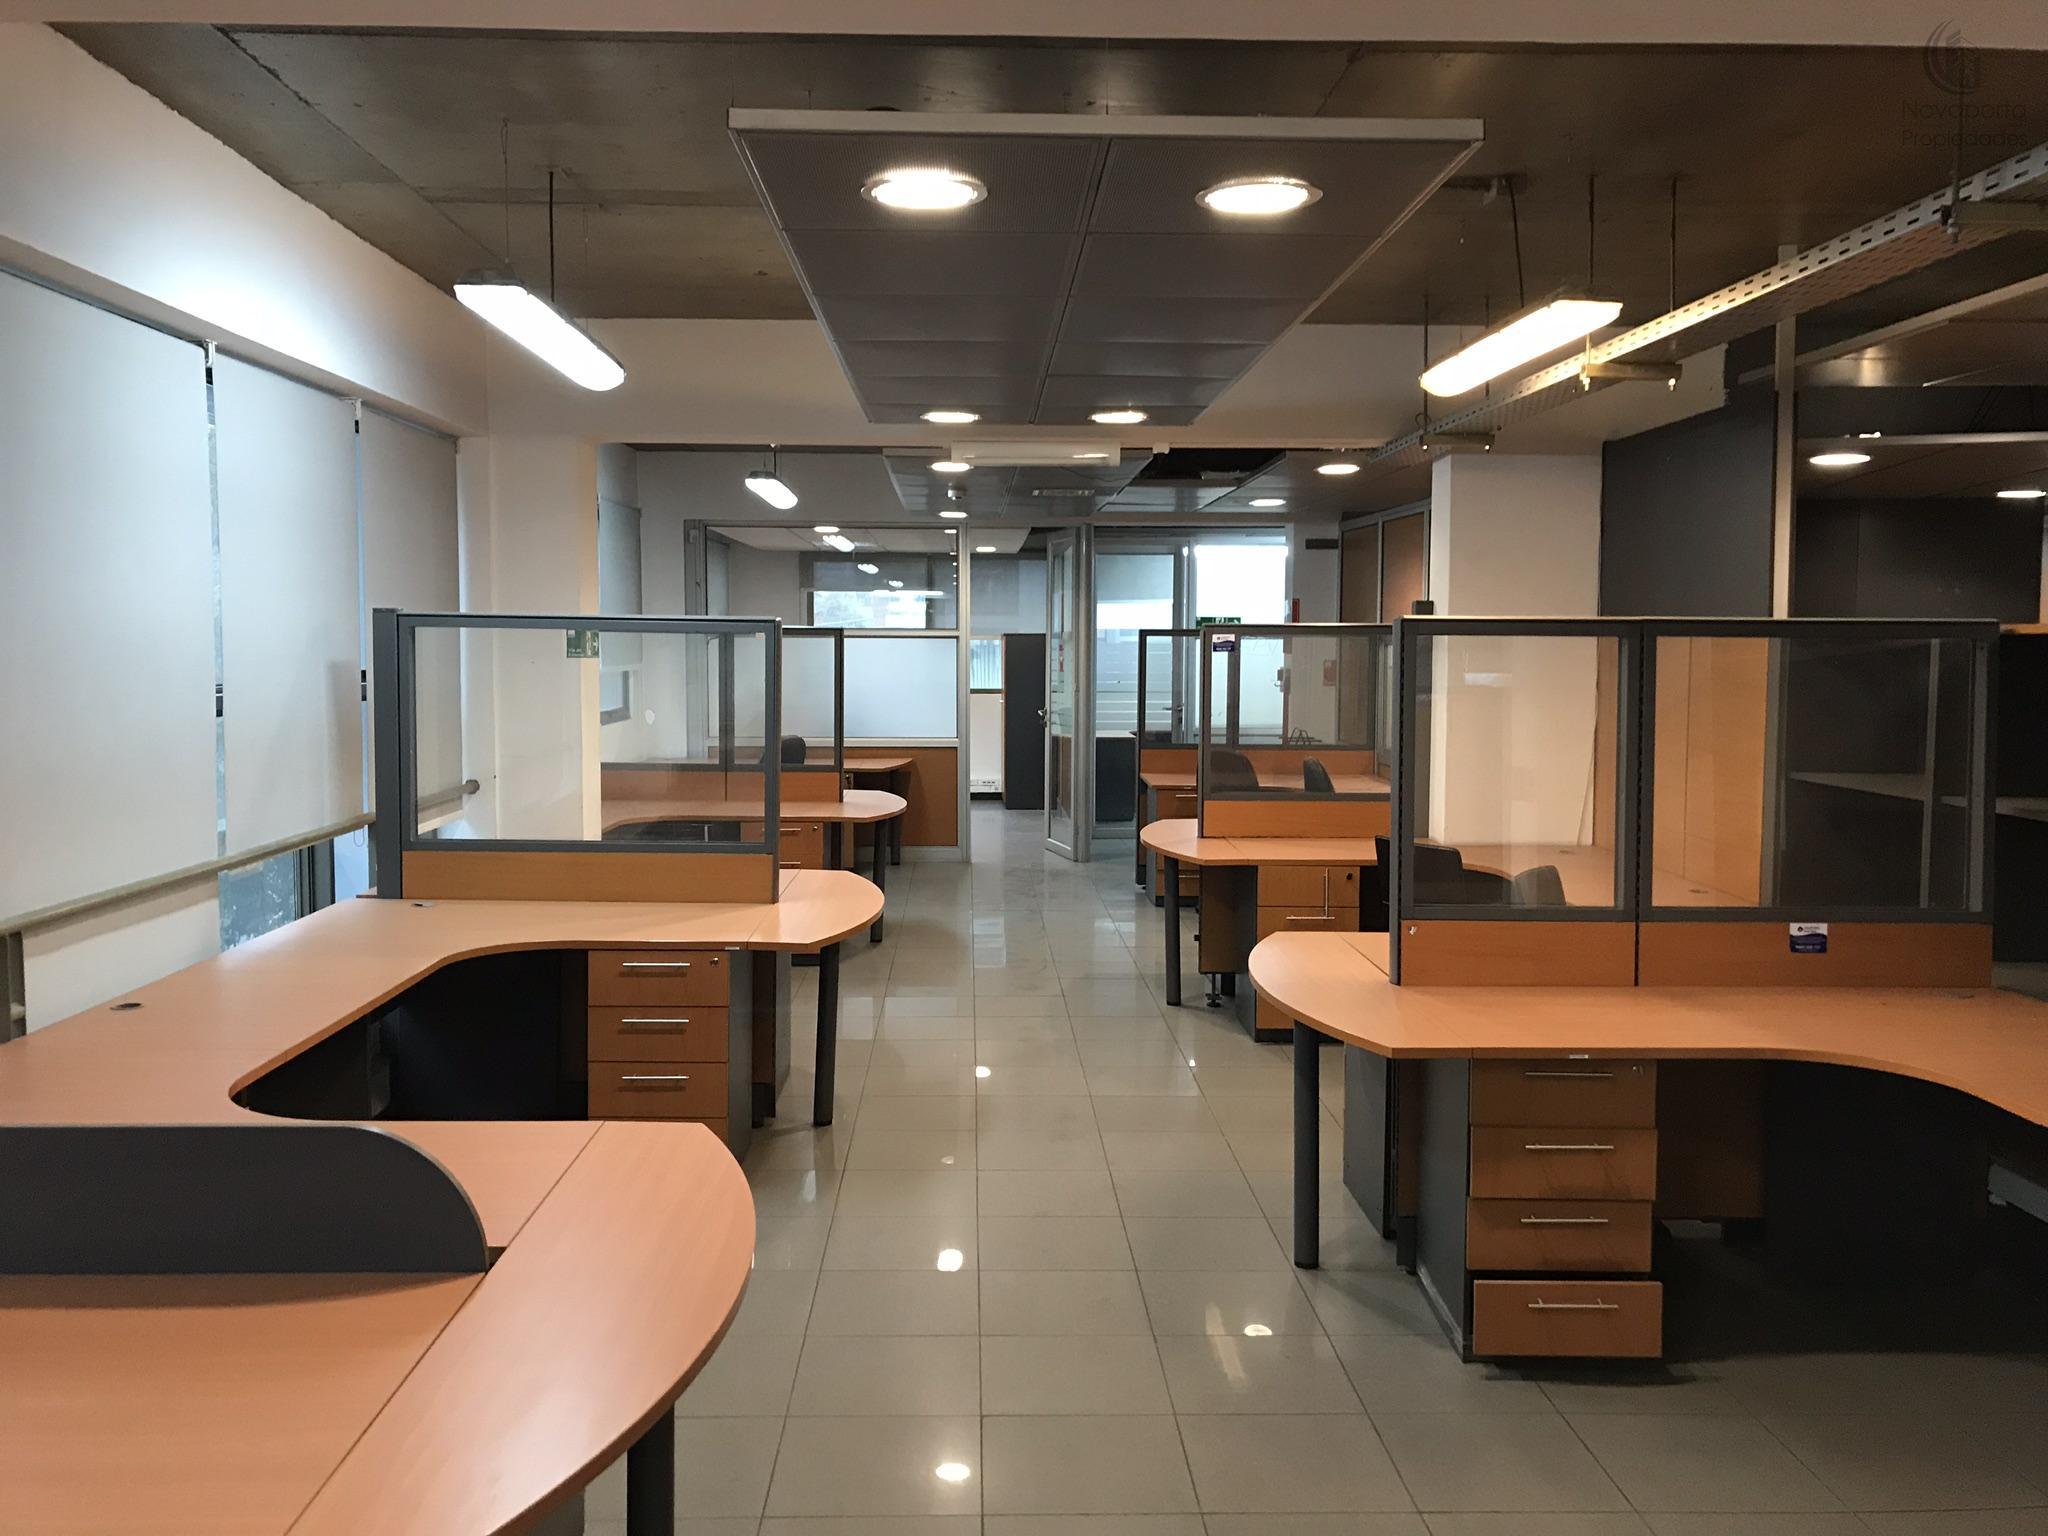 Oficina Piso completo 288 m2 Suecia con Irarrazaval